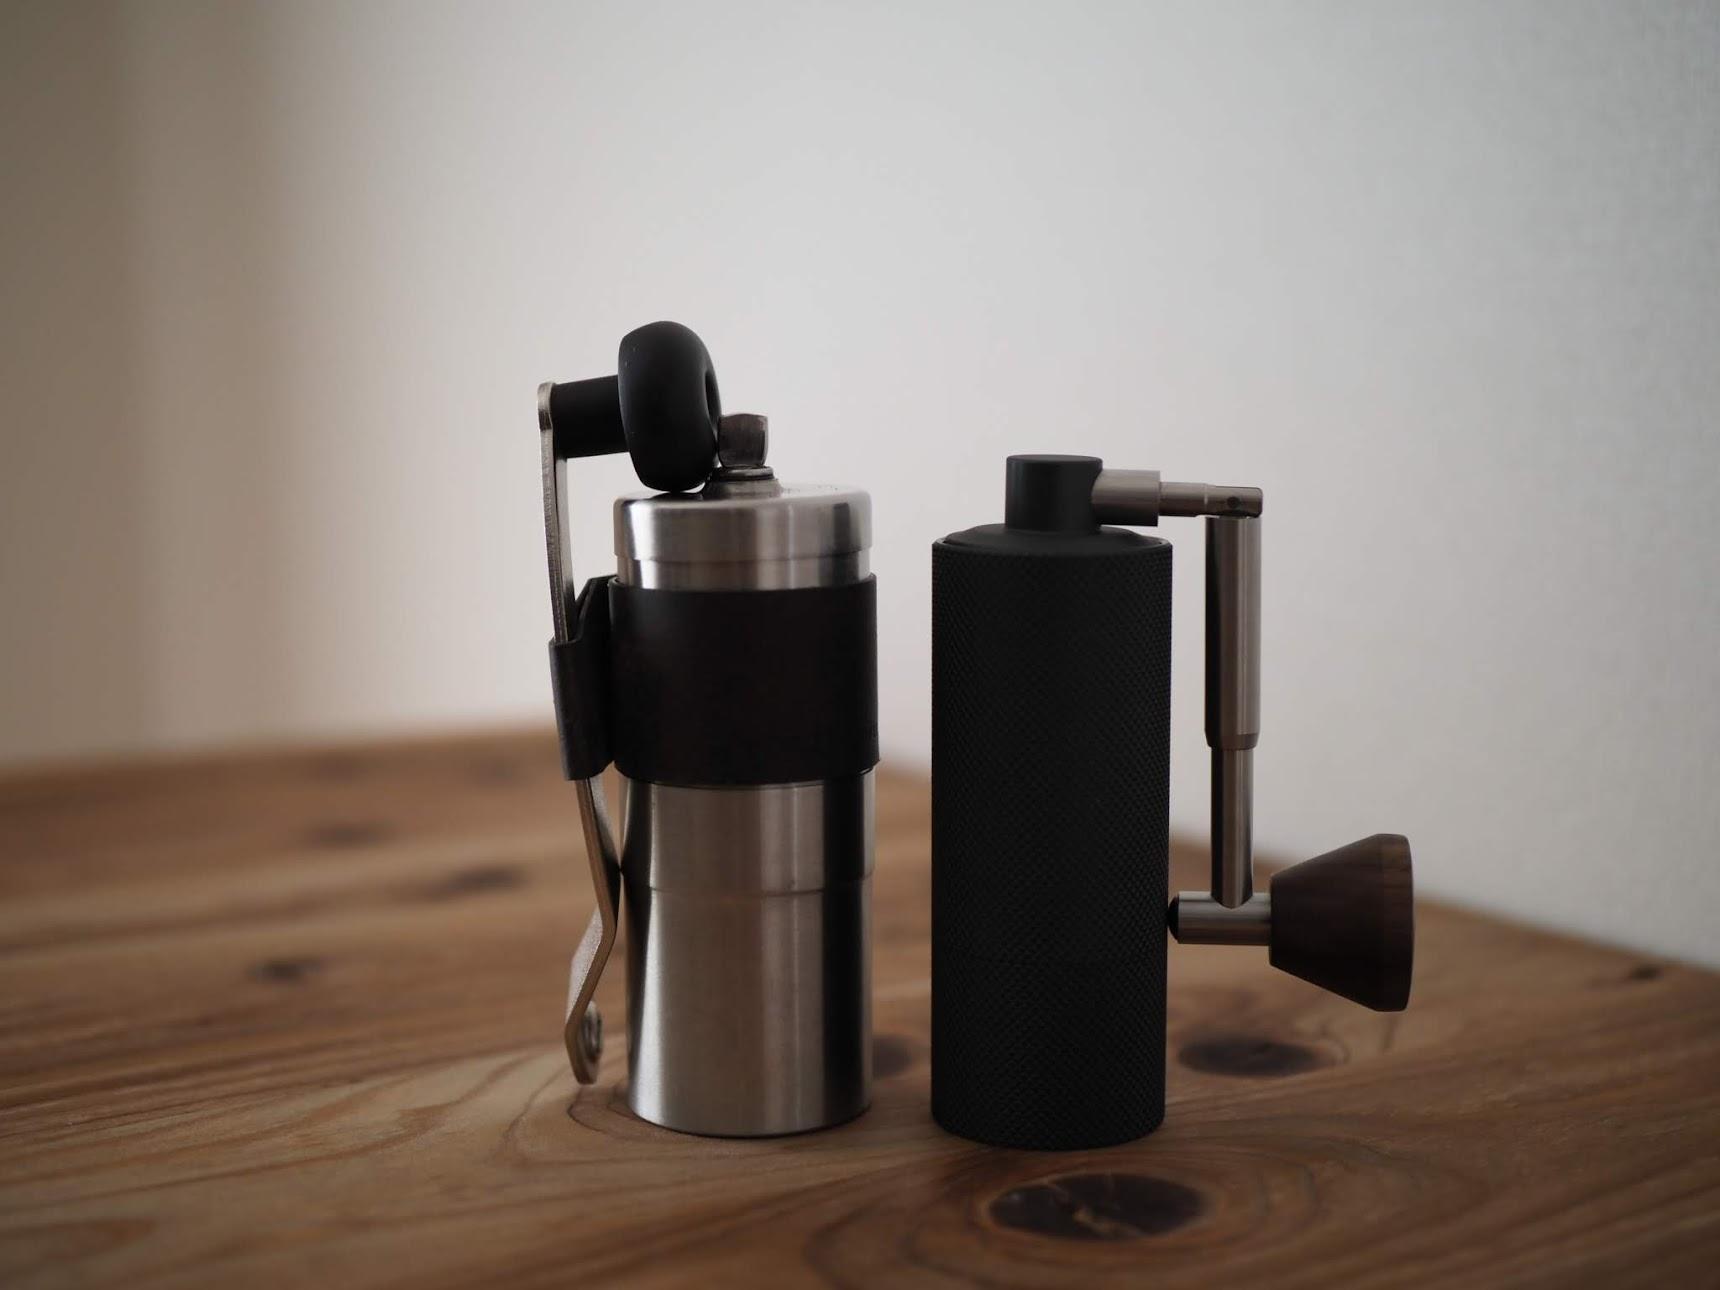 ポーレックスコーヒーミルとの大きさ比較